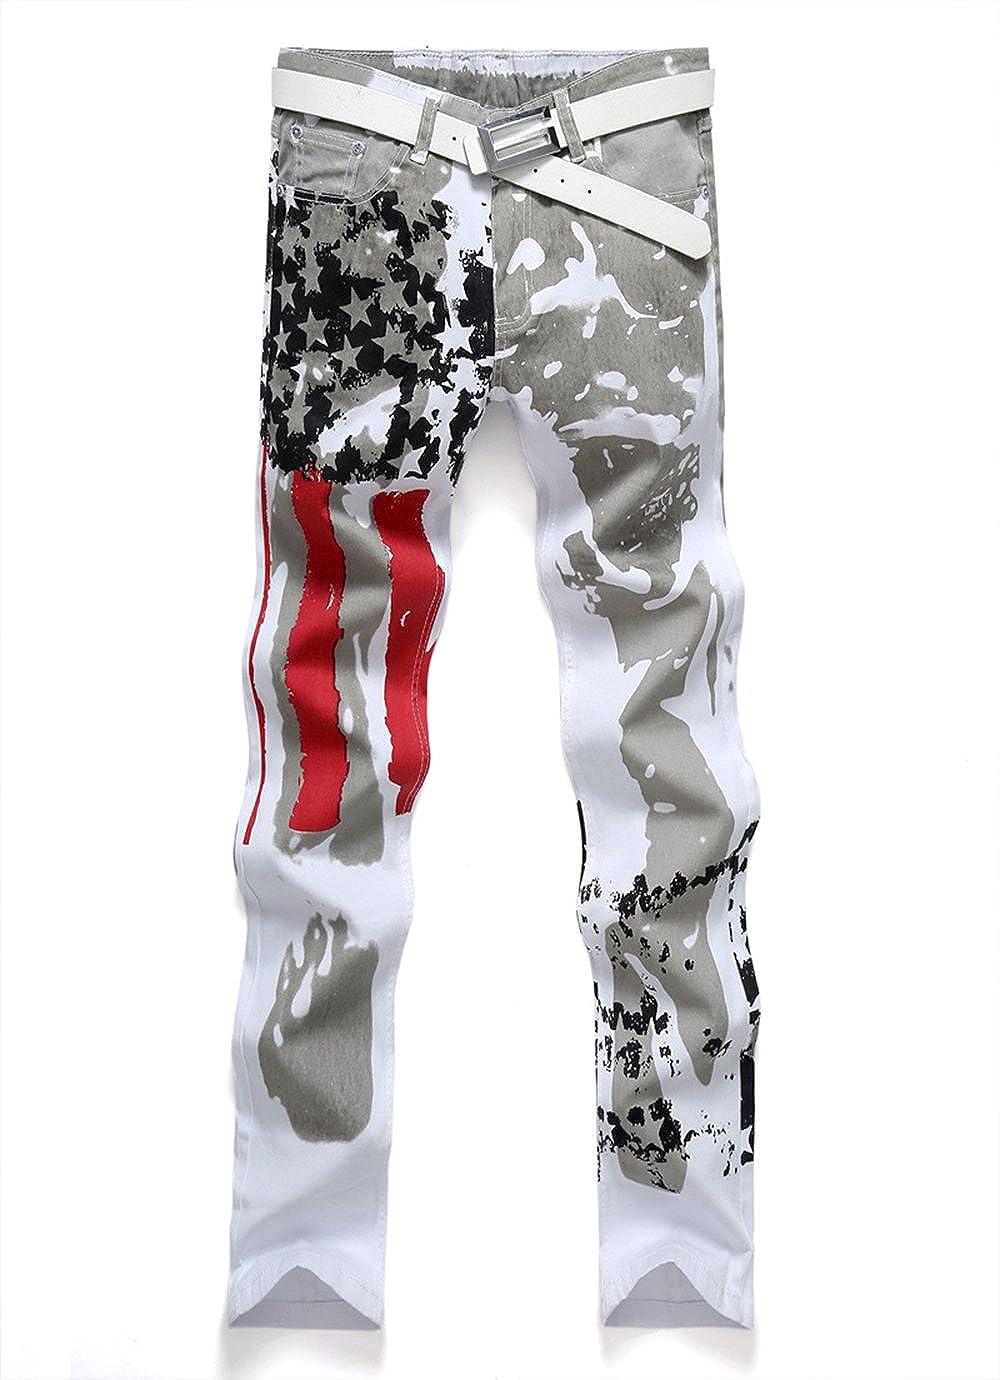 Vdual Pantalones causales de impresión de la Bandera de la Moda de los Hombres Pantalones Vaqueros del pantalón de Demin: Amazon.es: Ropa y accesorios